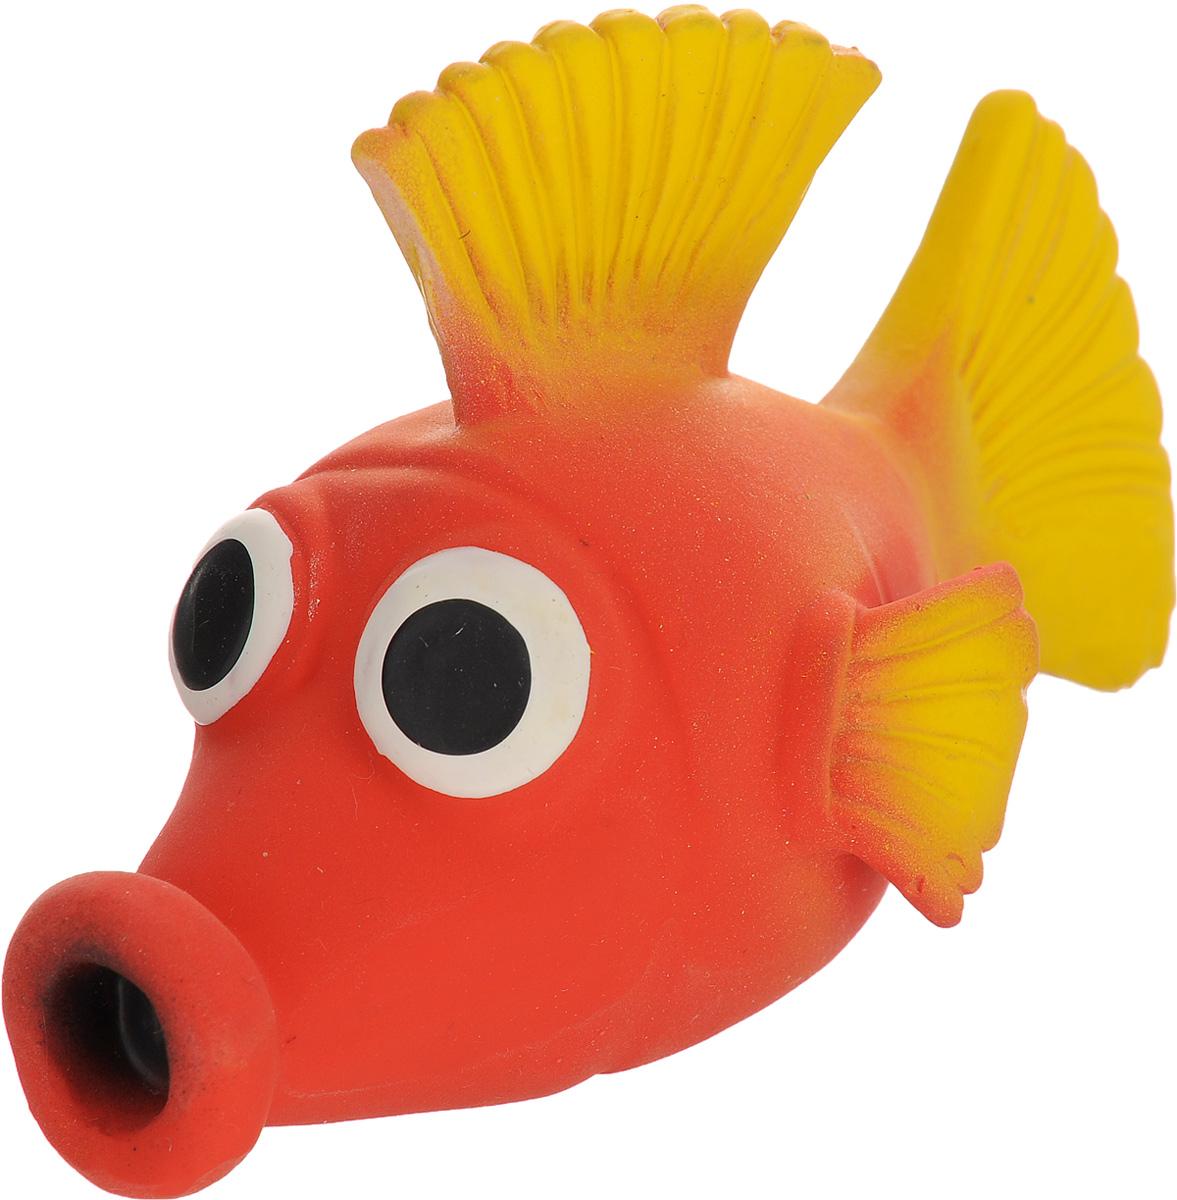 Игрушка для собак Beeztees I.P.T.S. Рыбка, цвет: красный, желтый16263/620875_красный, желтыйИгрушка для собак Beeztees I.P.T.S. изготовлена из безопасного латекса в форме забавной рыбки с большими глазами. Игрушка снабжена пищалкой. Предназначена для игр с собаками разных возрастов. Такая игрушка привлечет внимание вашего любимца и не оставит его равнодушным.